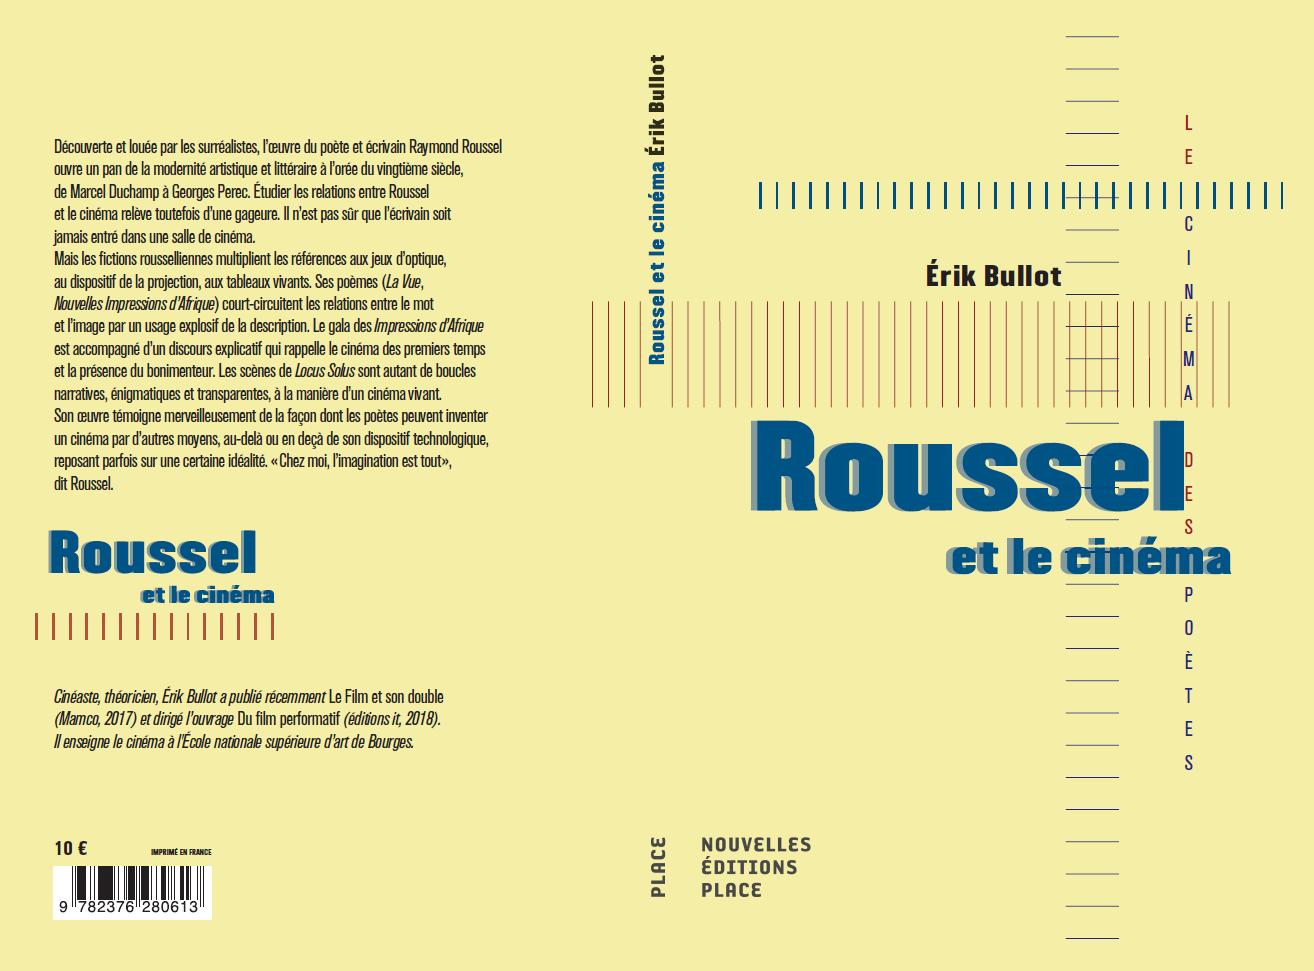 E. Bullot, Roussel et le cinéma